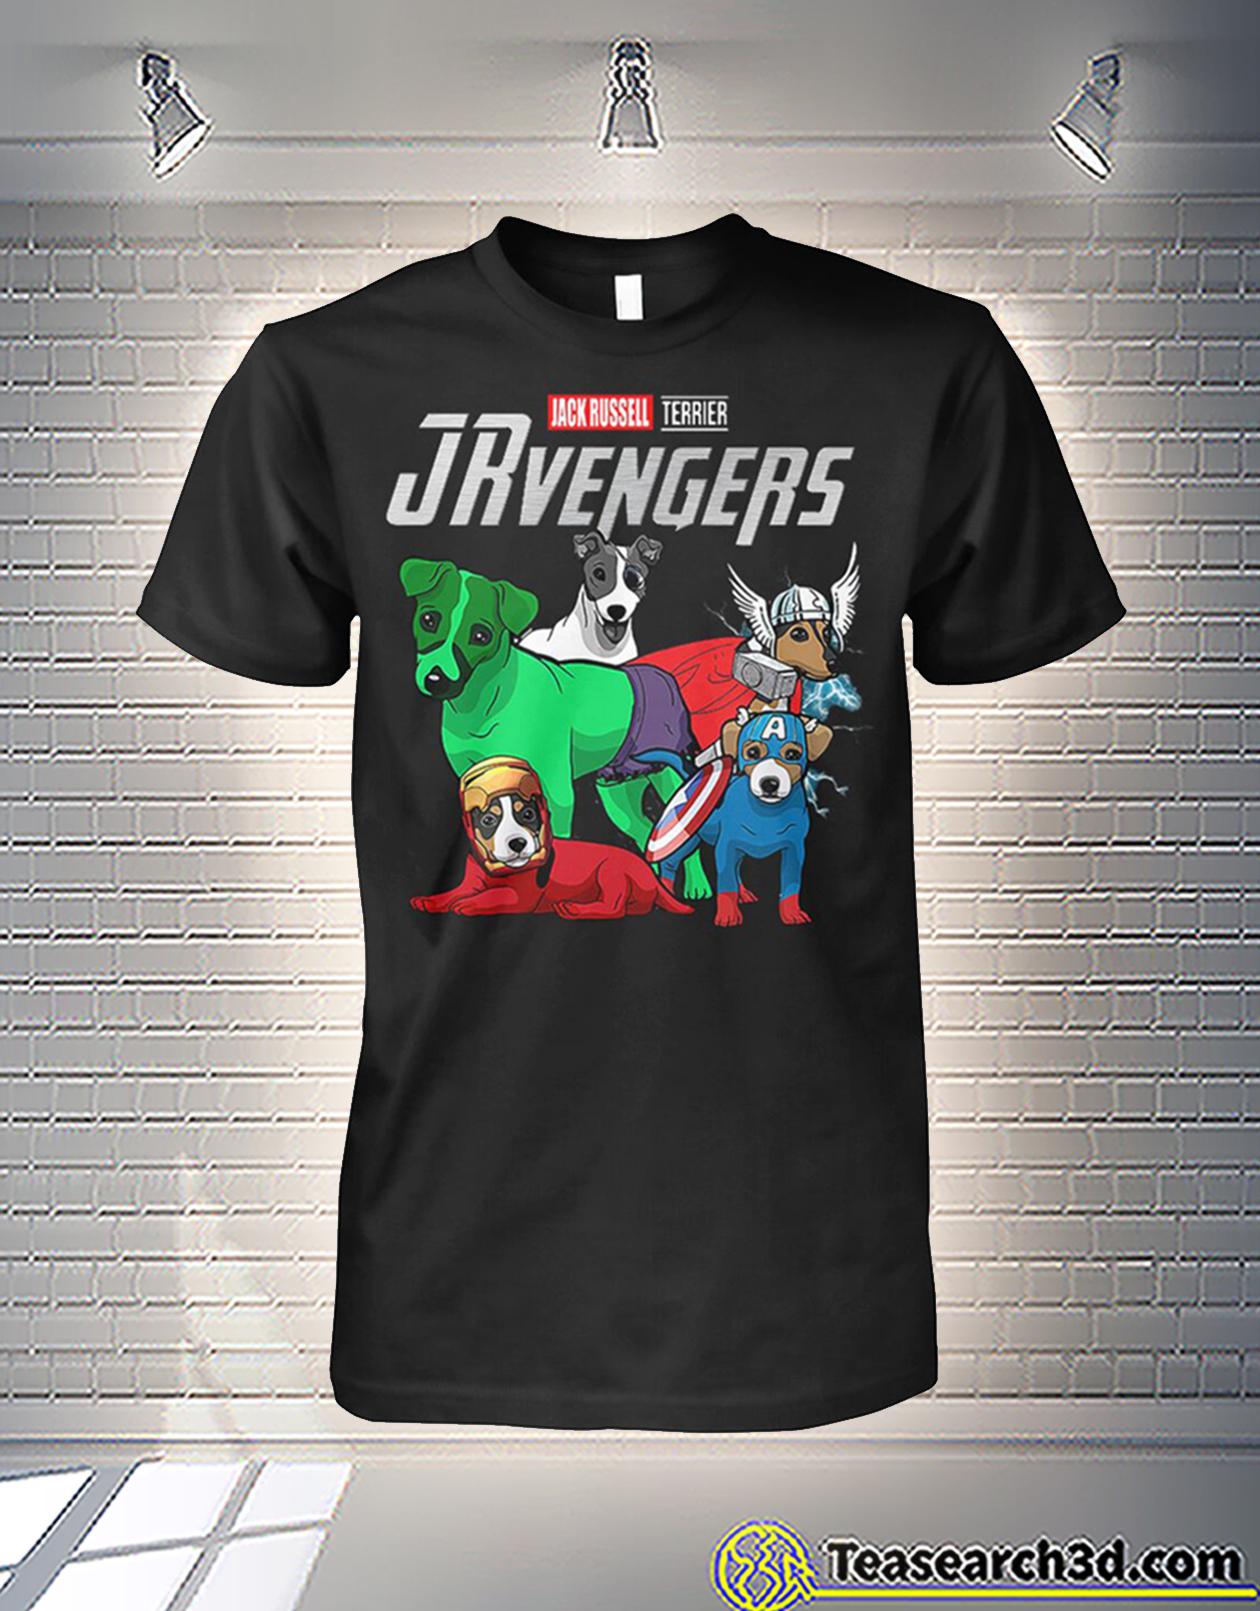 Jack Russell terrier jrvengers avengers shirt